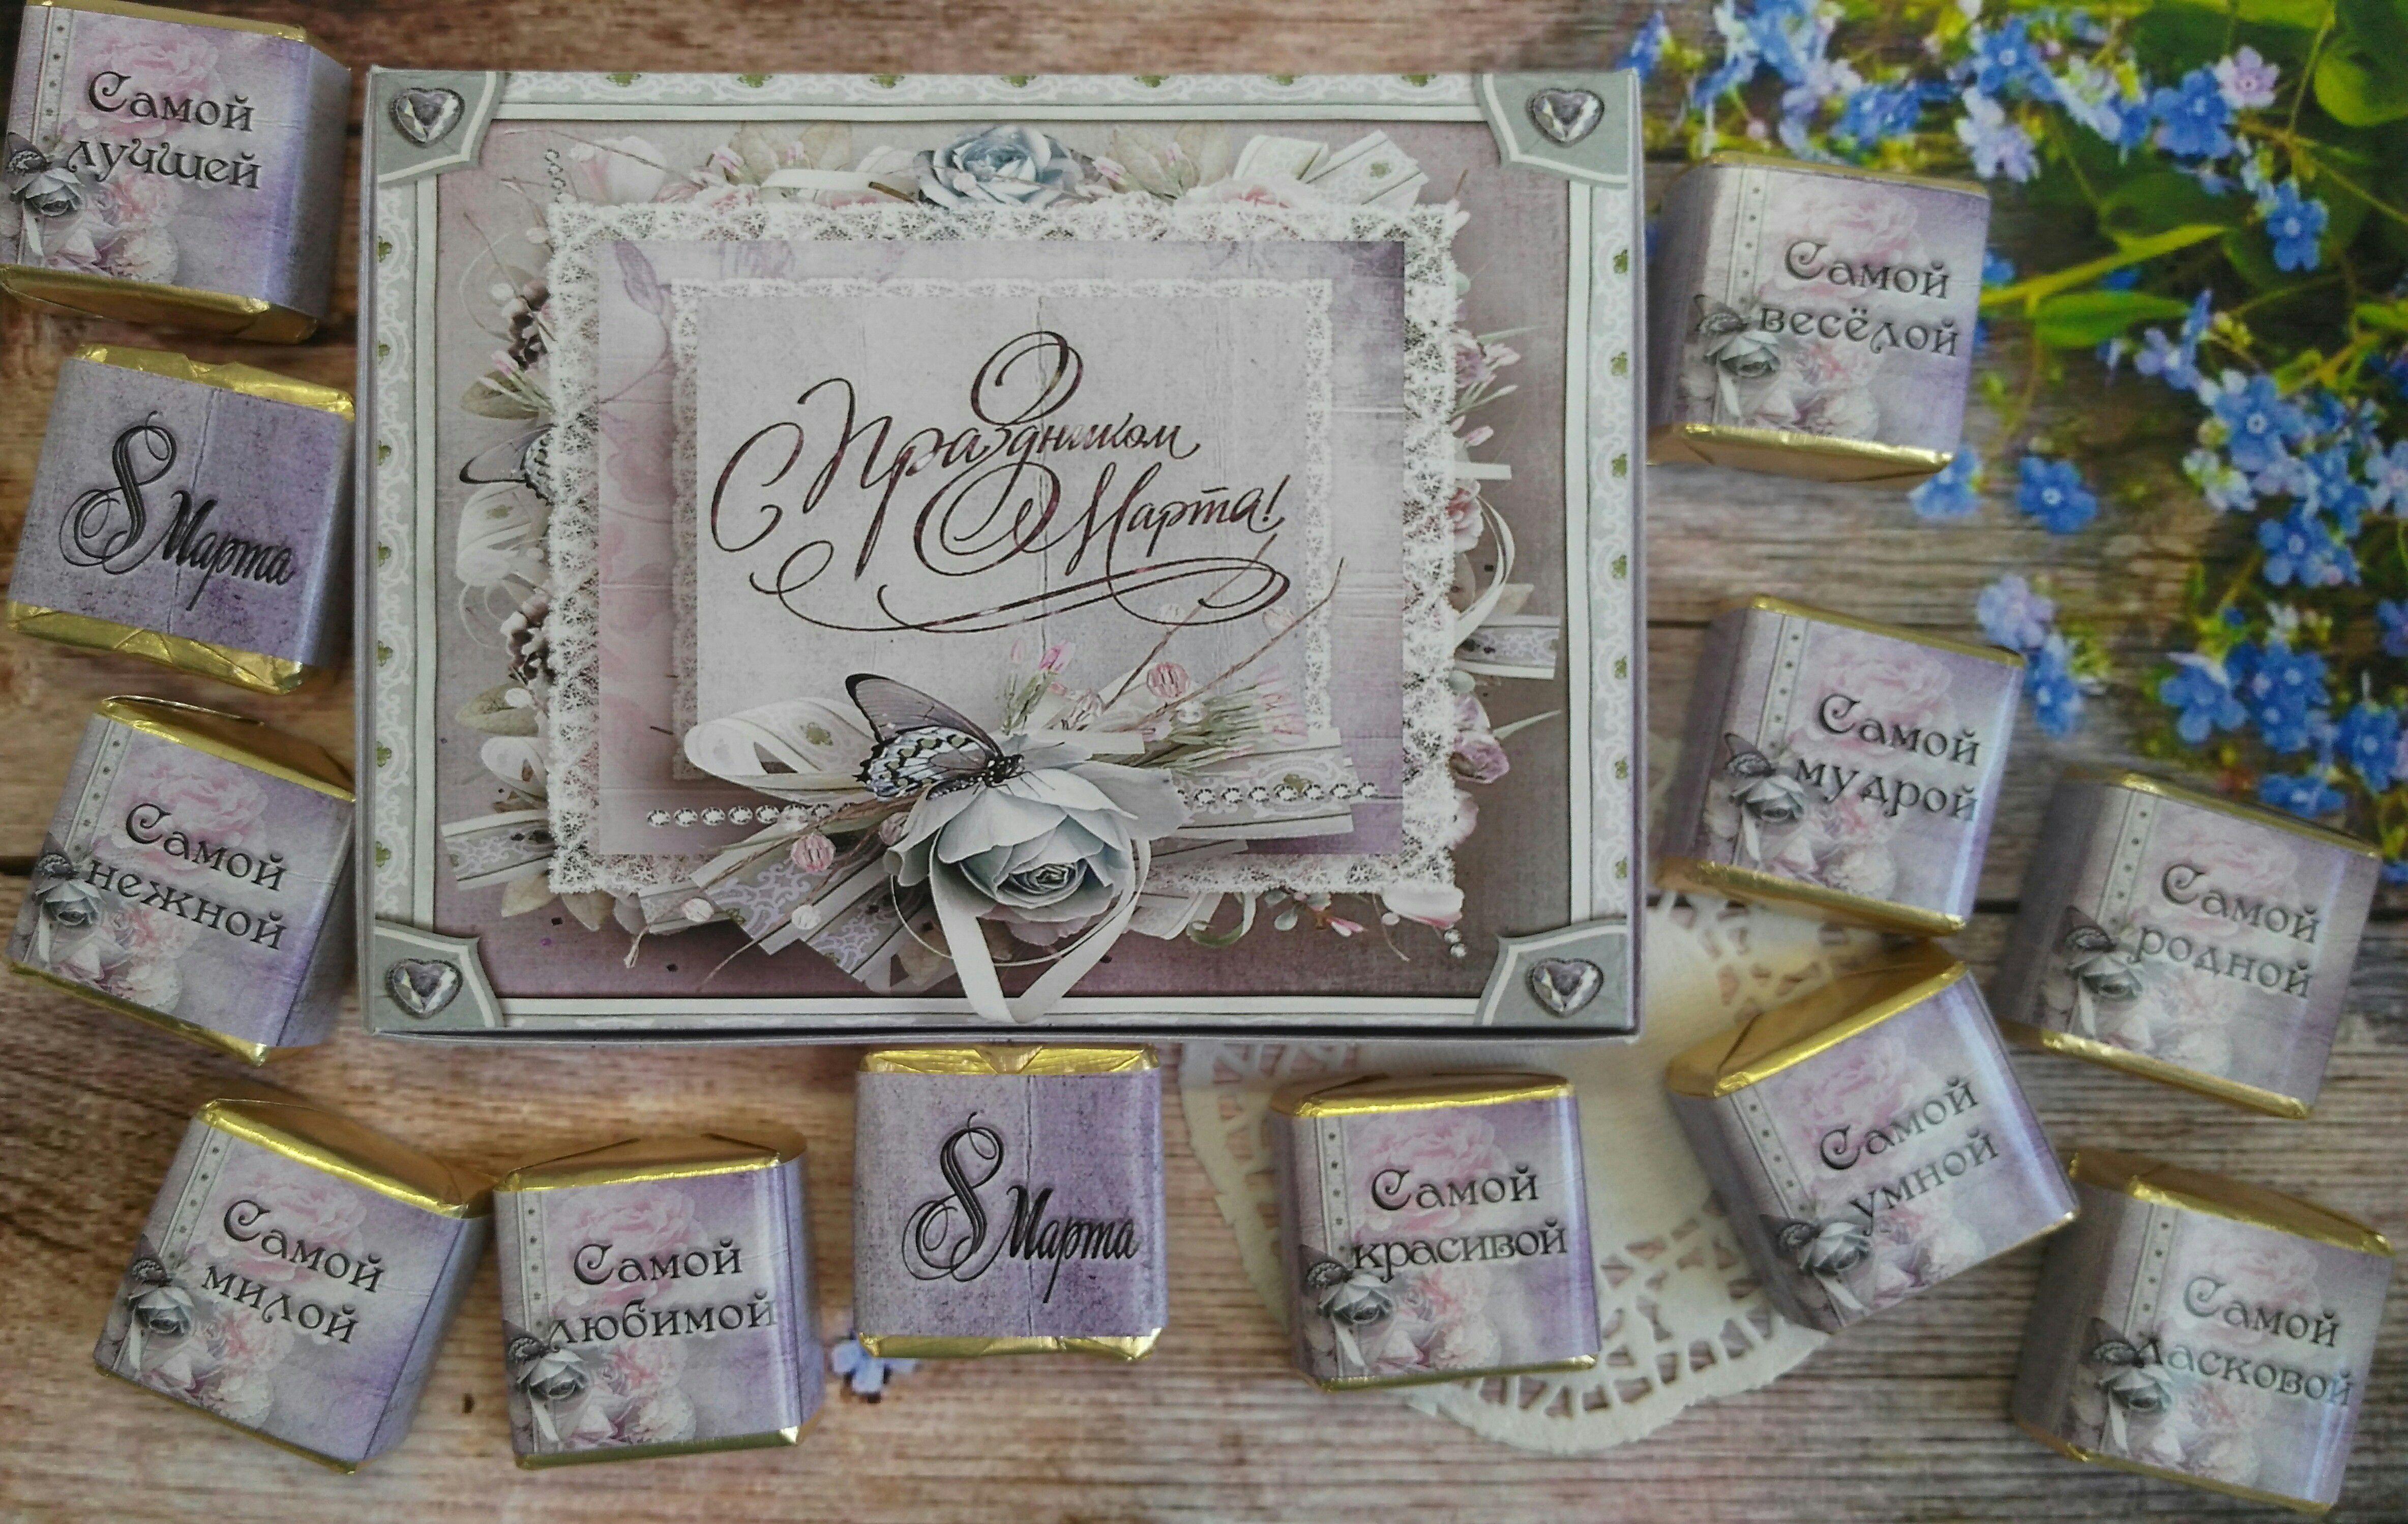 шоколадныйнабор ручнаяработа букетназаказ память тольятти чтоподарить мужскойподарок праздник сувенир шокобокс шоколад подарок lilid своимируками